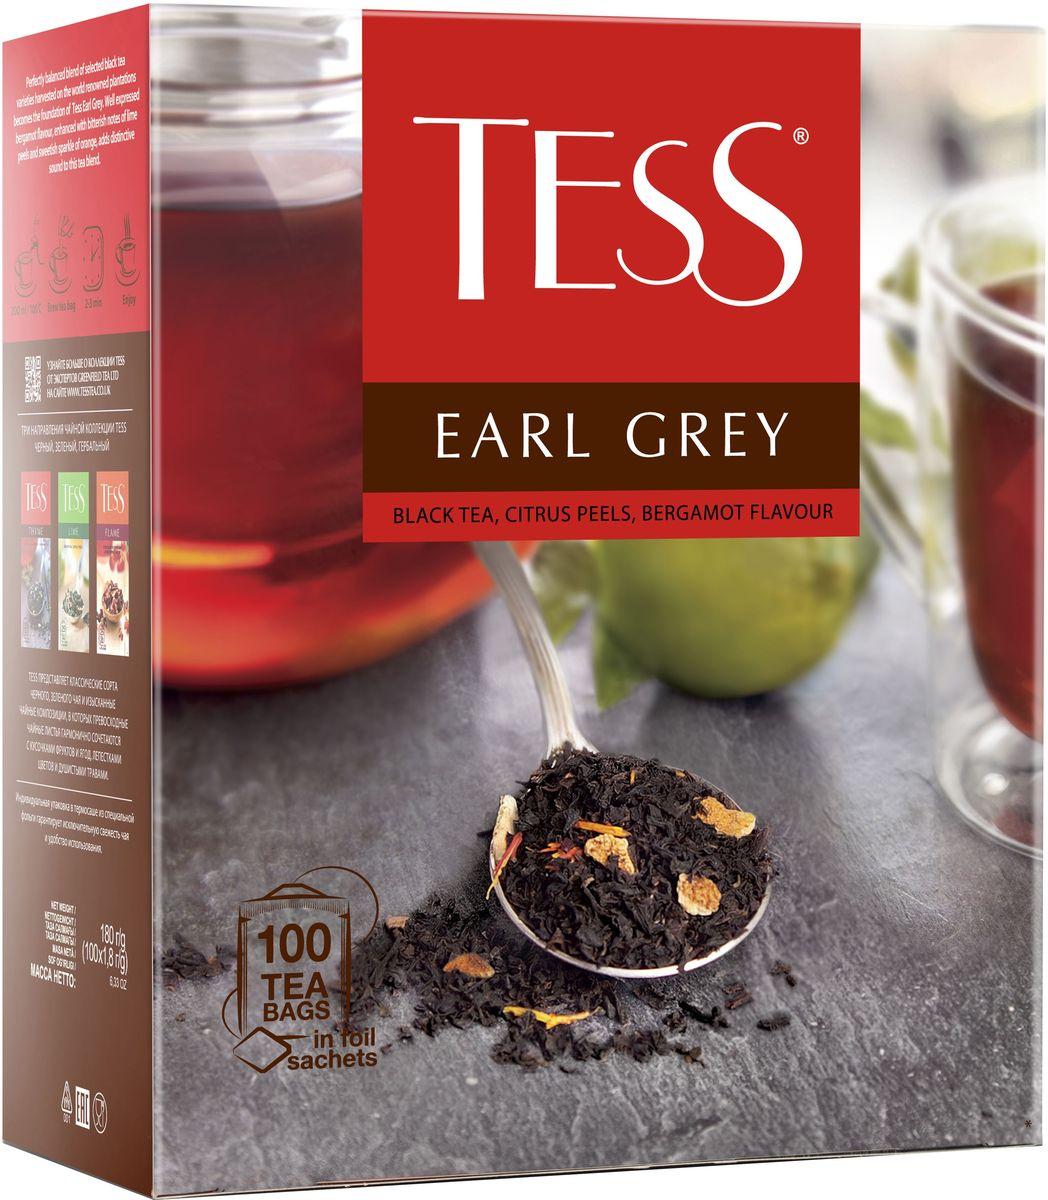 Tess Earl Grey черный чай с цедрой лимона в пакетиках, 100 шт0120710Тесс Эрл Грей - этот чайный напиток соединяет в себе аромат бергамота и цедру цитрусовых. Вкус этого чая нередко сравнивают с легким морским бризом. И действительно он свежий и воздушный. А нотки цитруса создают прекрасное послевкусие.